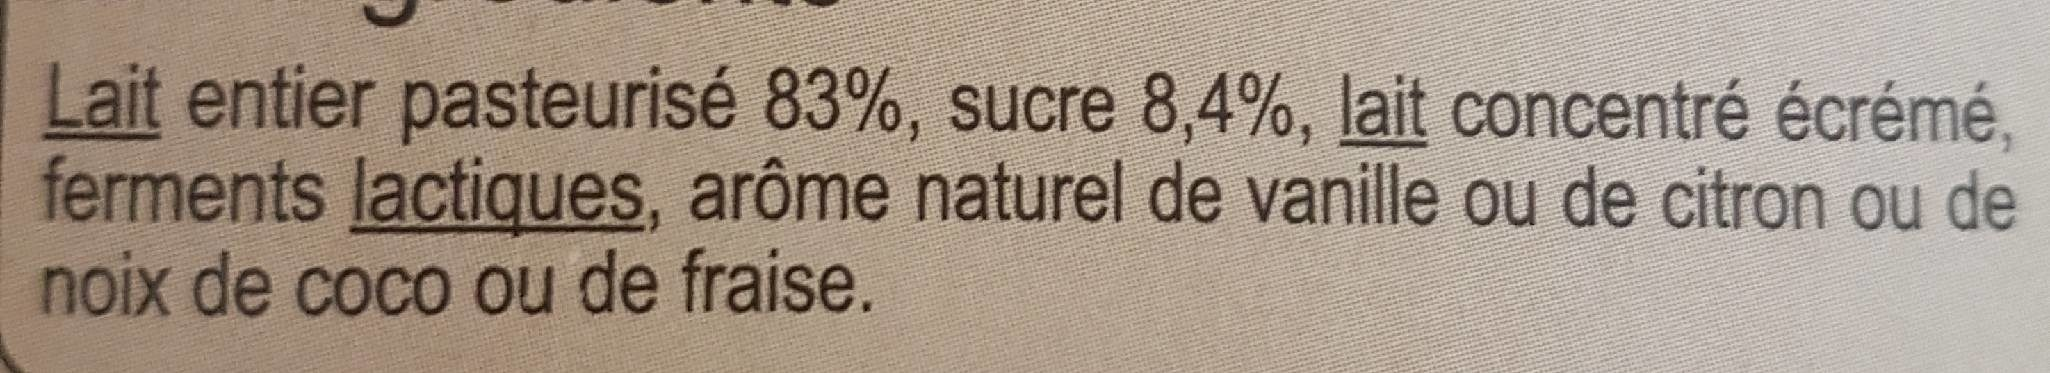 Yaourt vanille, citron, coco, fraise - Ingrédients - fr